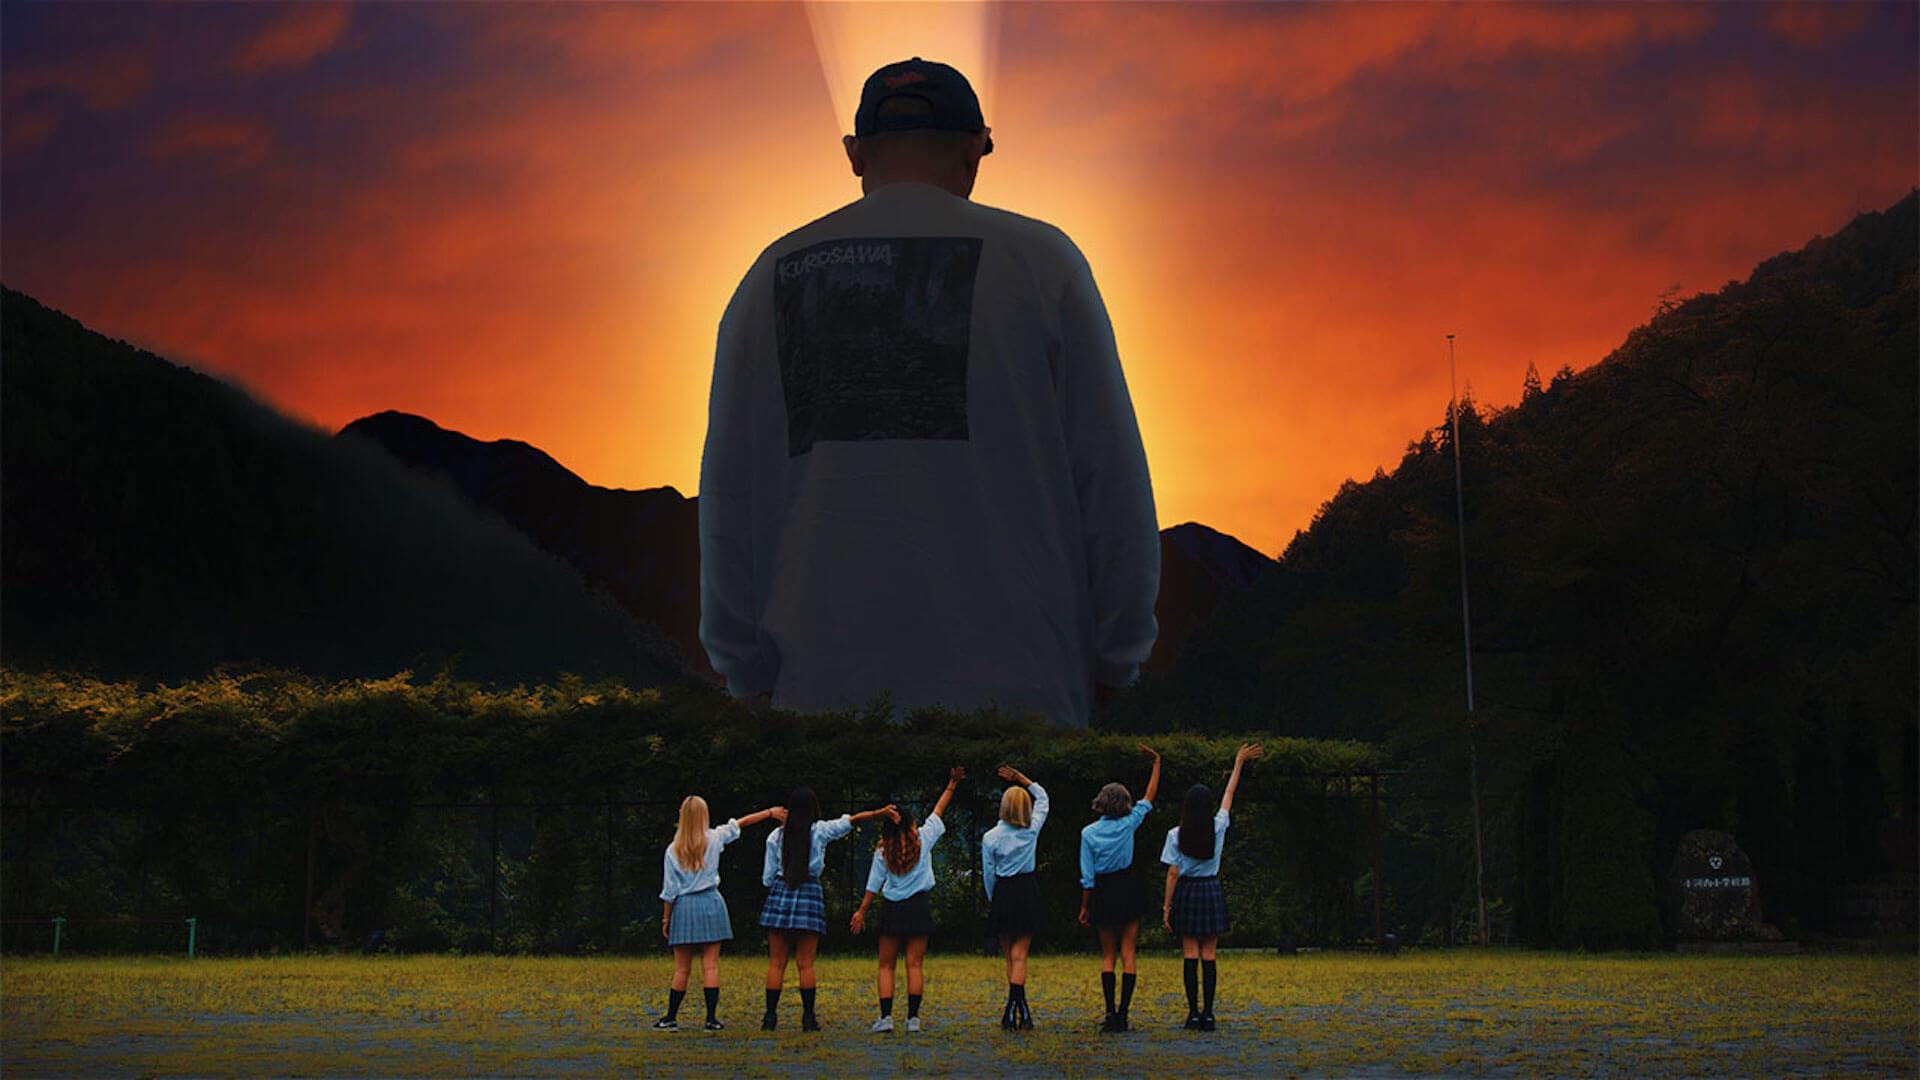 """NENEの最新EP『夢太郎』よりNIPPSとの楽曲""""地獄絵図""""のミュージックビデオが解禁!制作はスタジオ石 music200929_nene_nipps_1"""